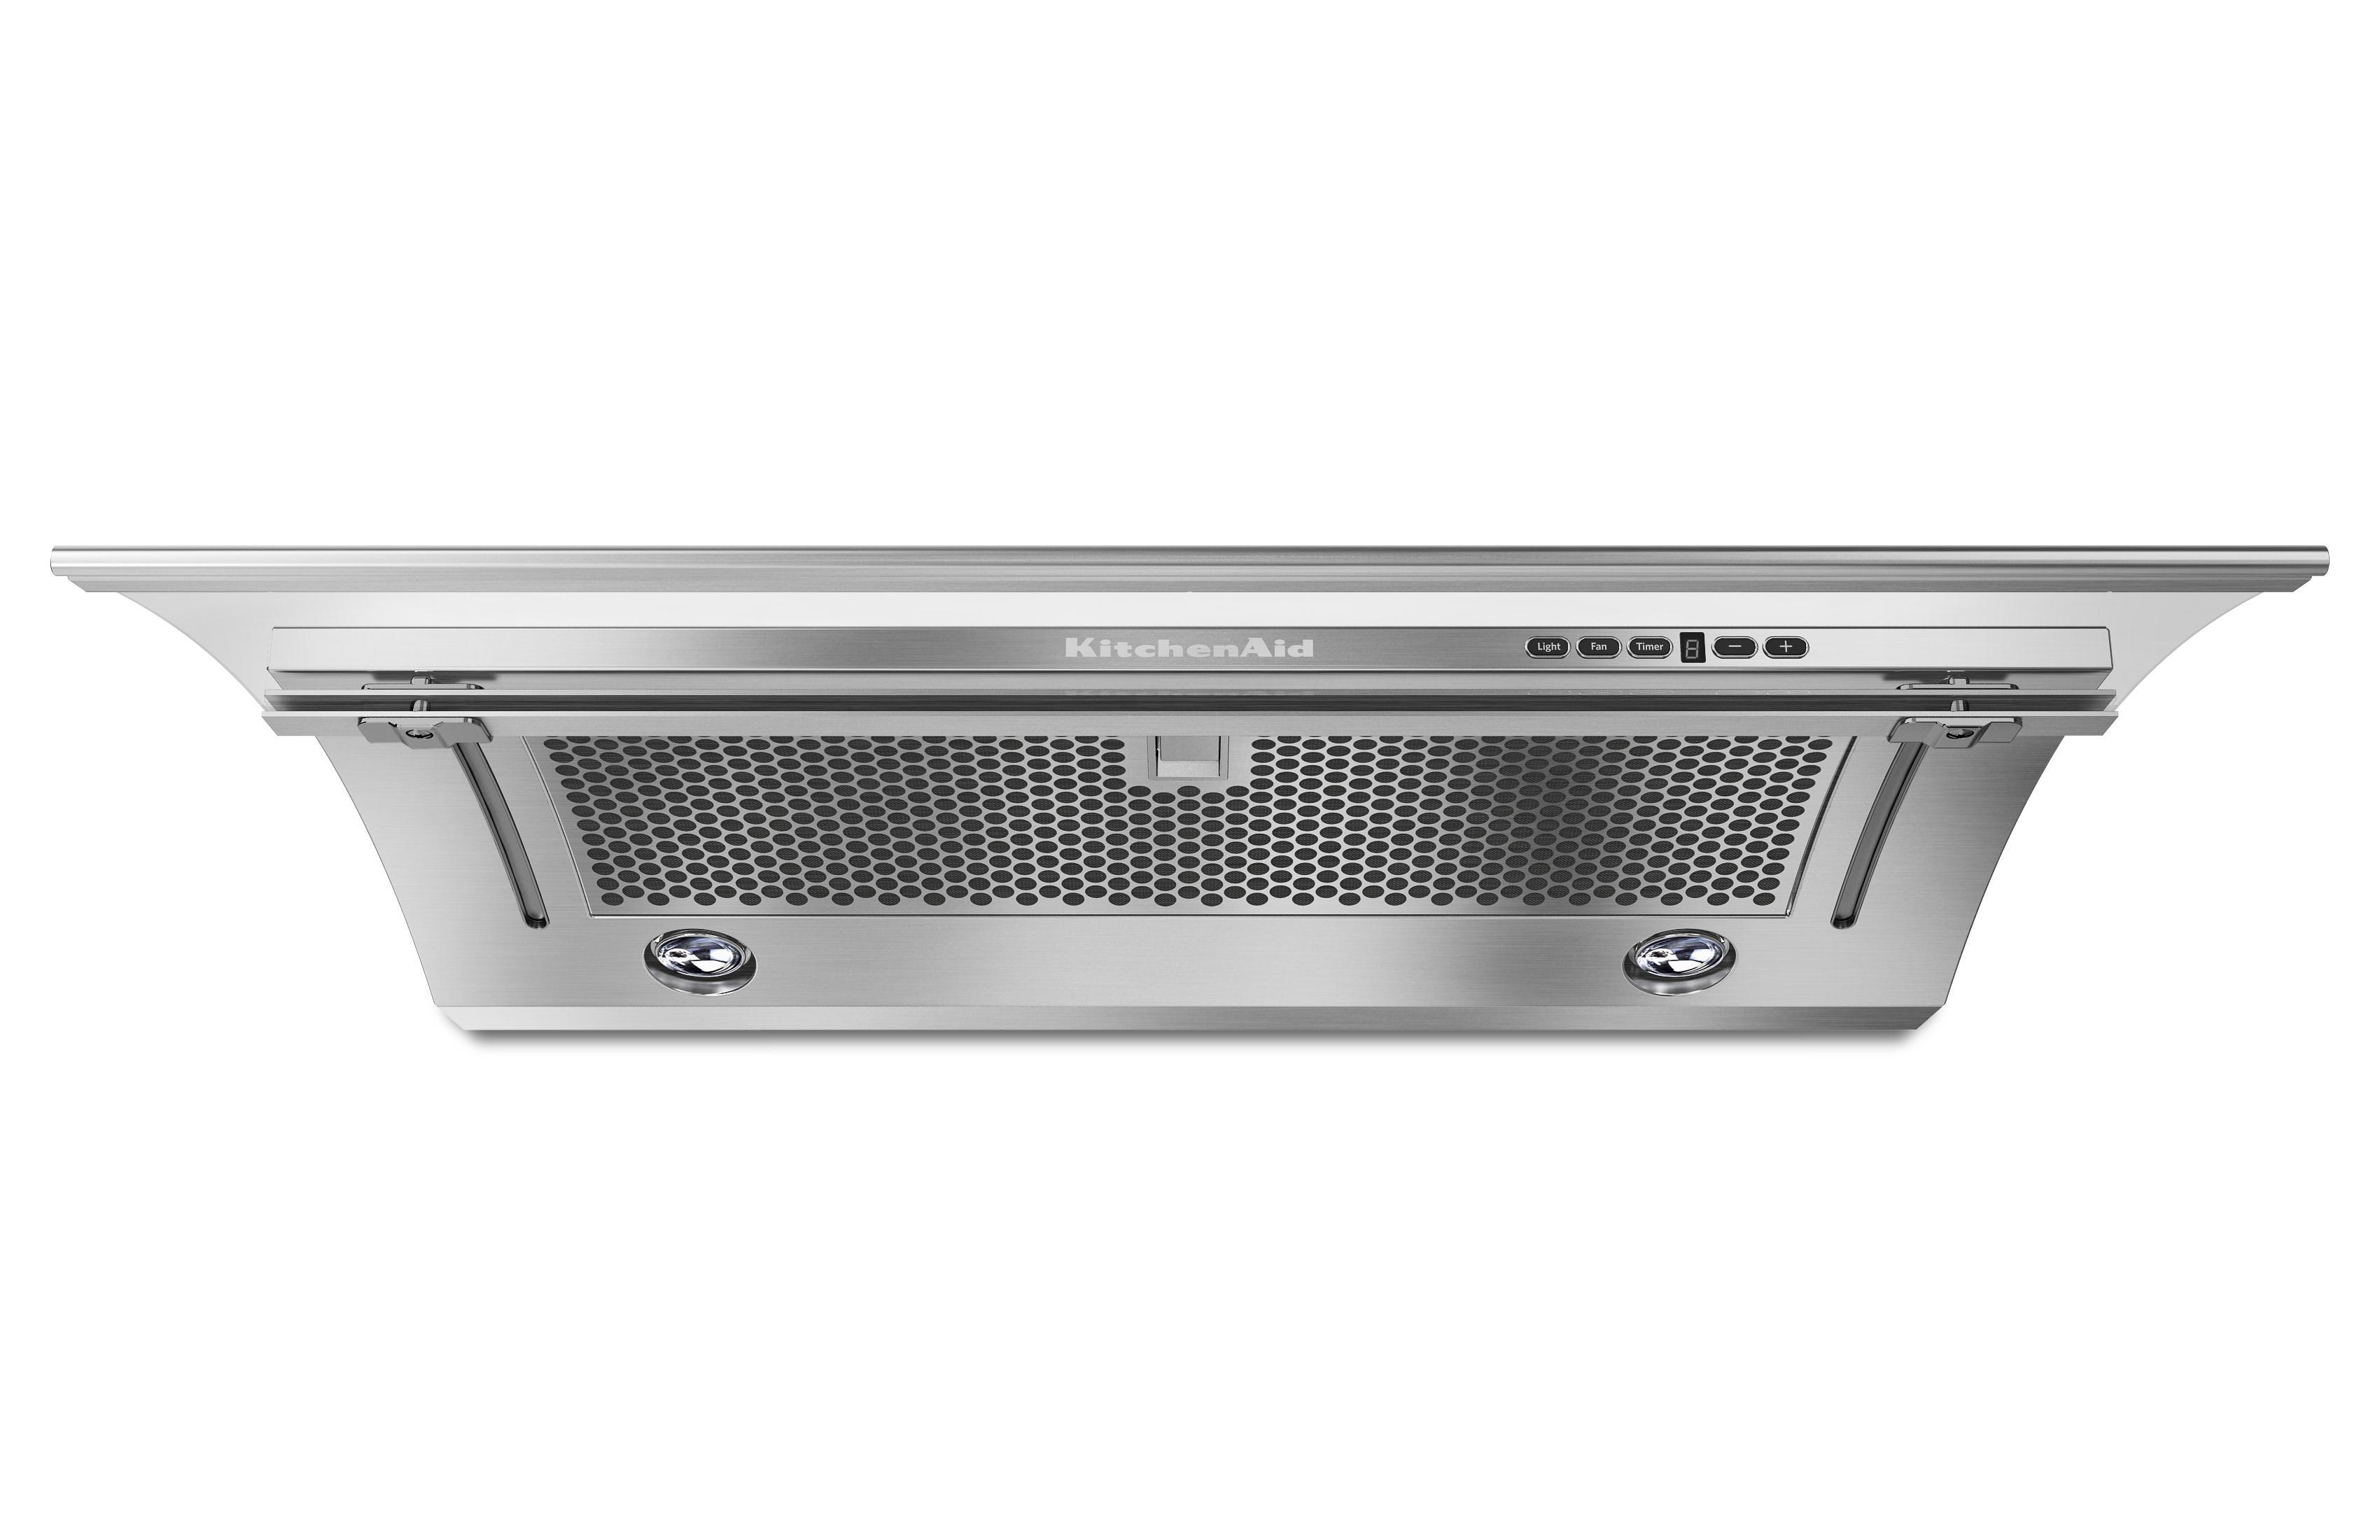 """KitchenAid Range Hoods 36"""" Slide-Out Range Hood - Item Number: KXU2836YSS"""